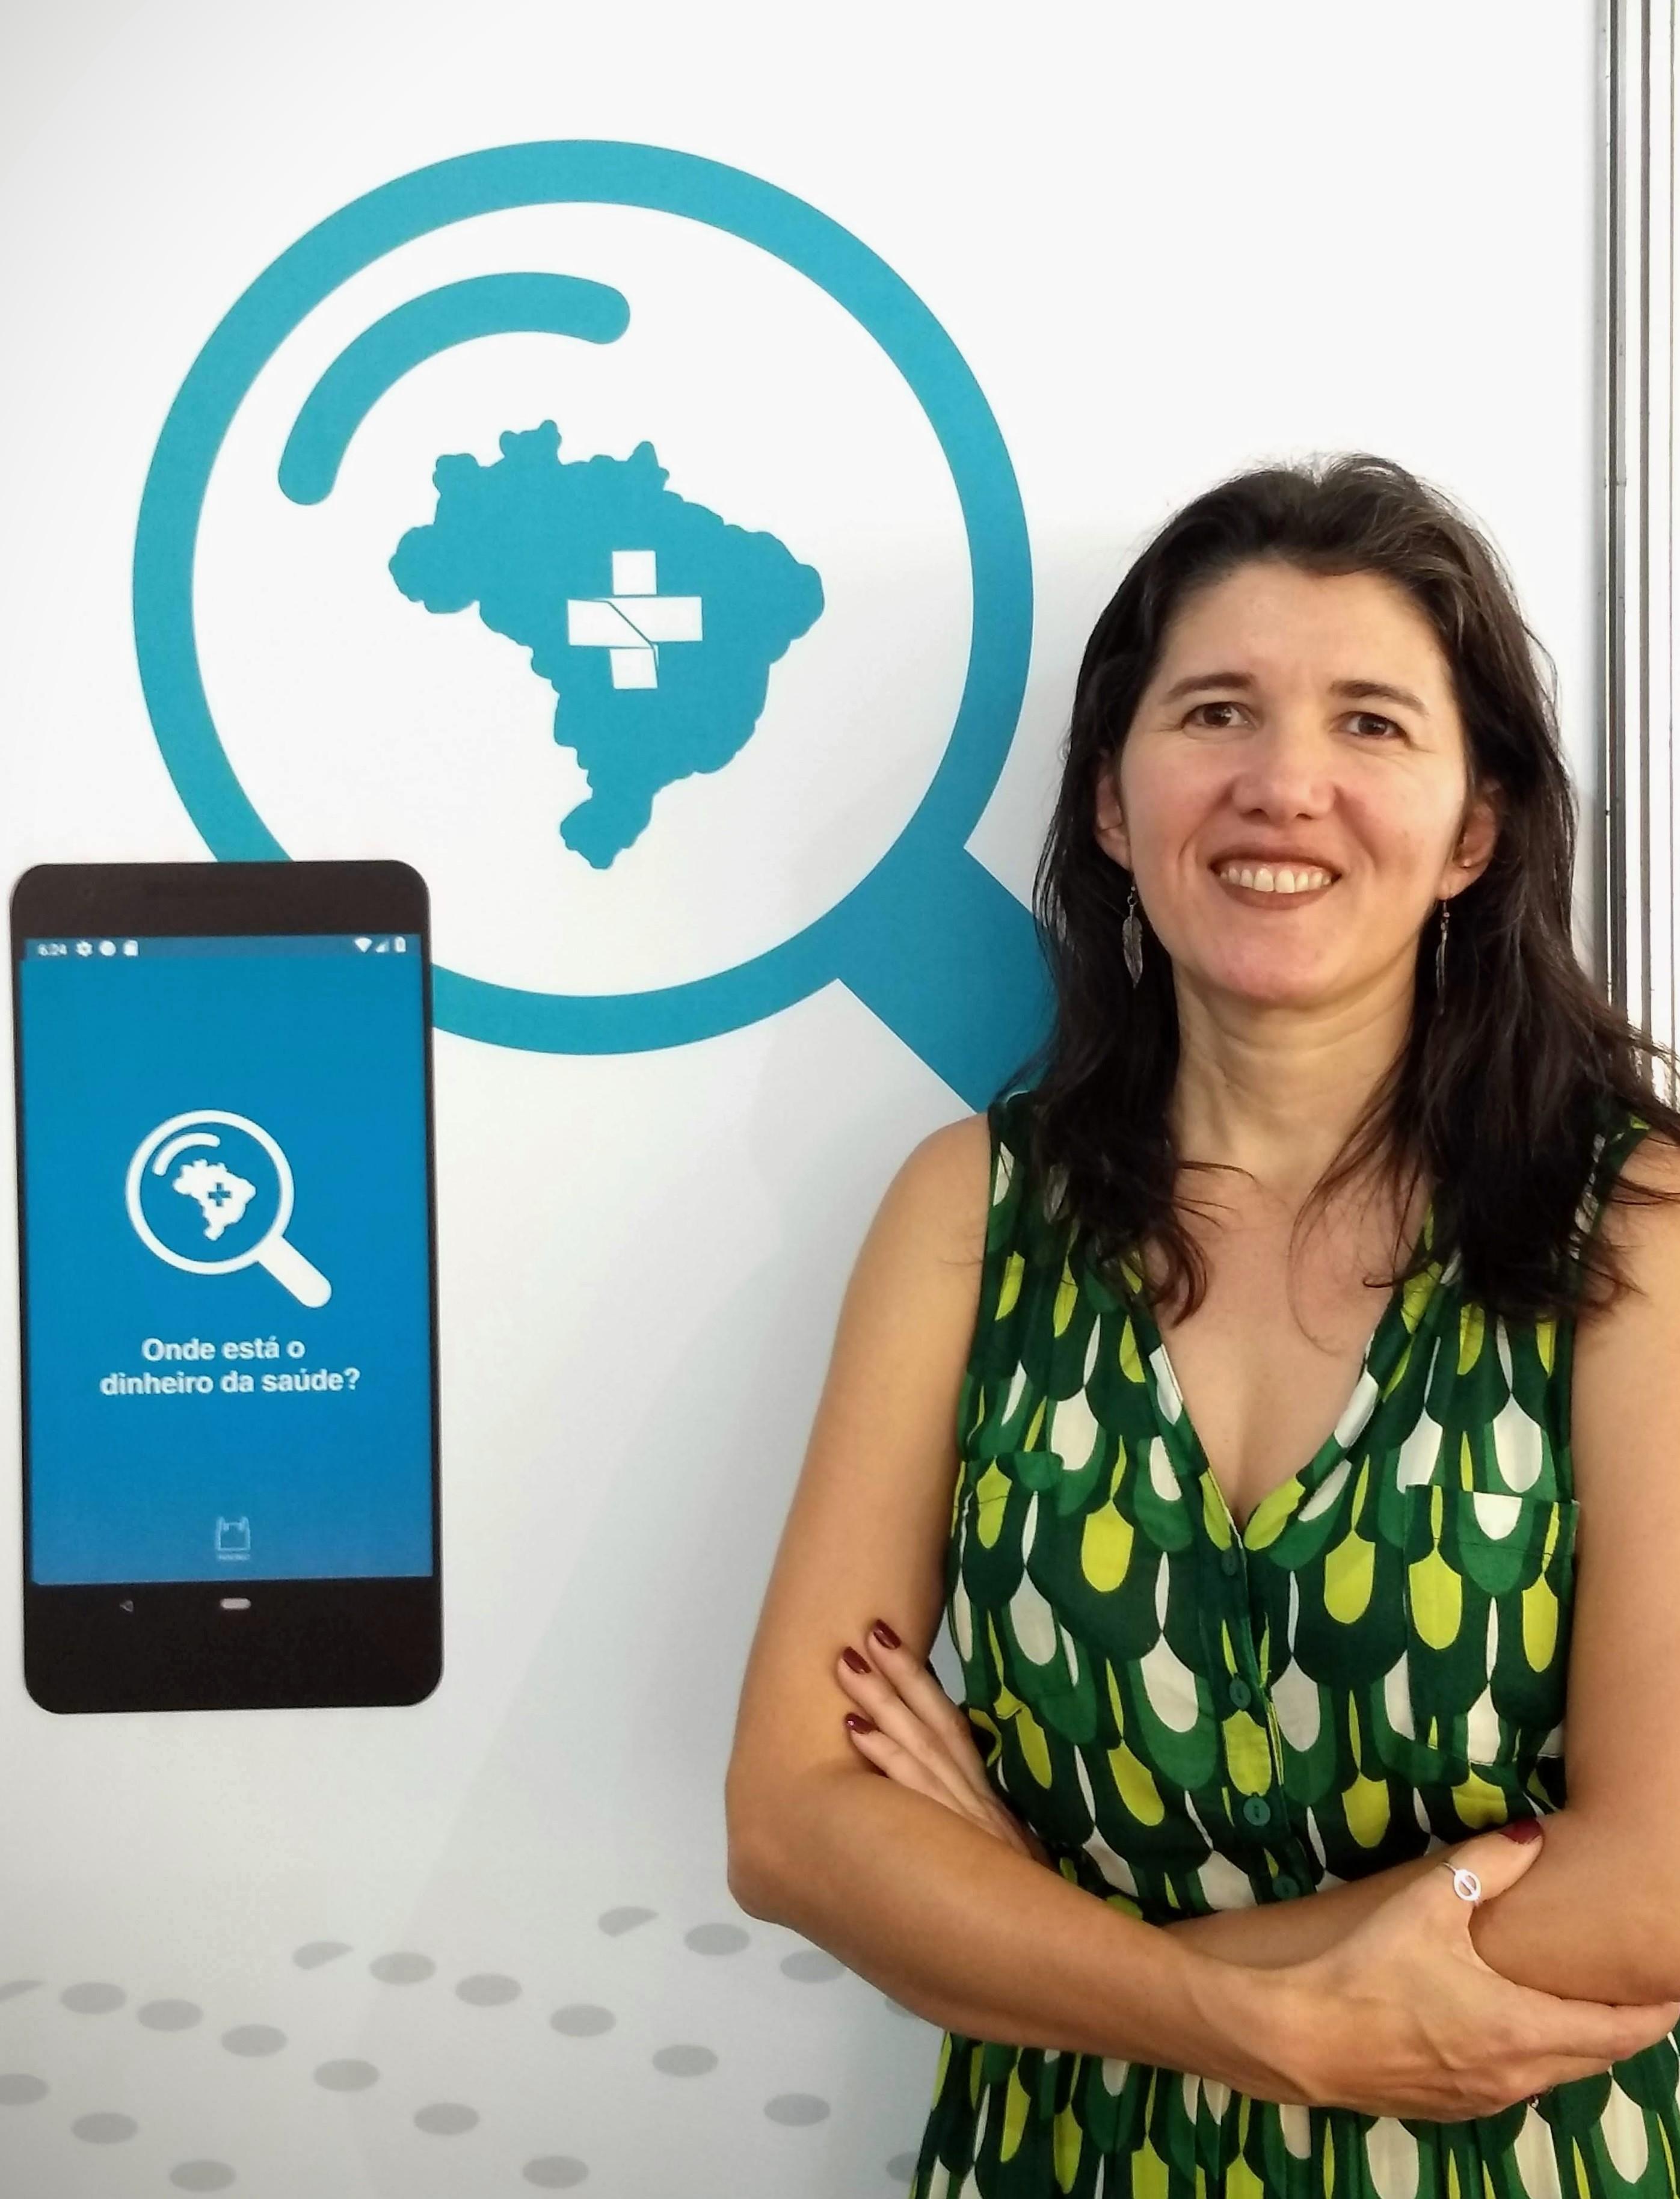 A pesquisadora Islândia Sousa apresenta o aplicativo 'Onde está o dinheiro da saúde?', recurso que permite aos cidadãos acompanhar o investimento dos governos na saúde pública